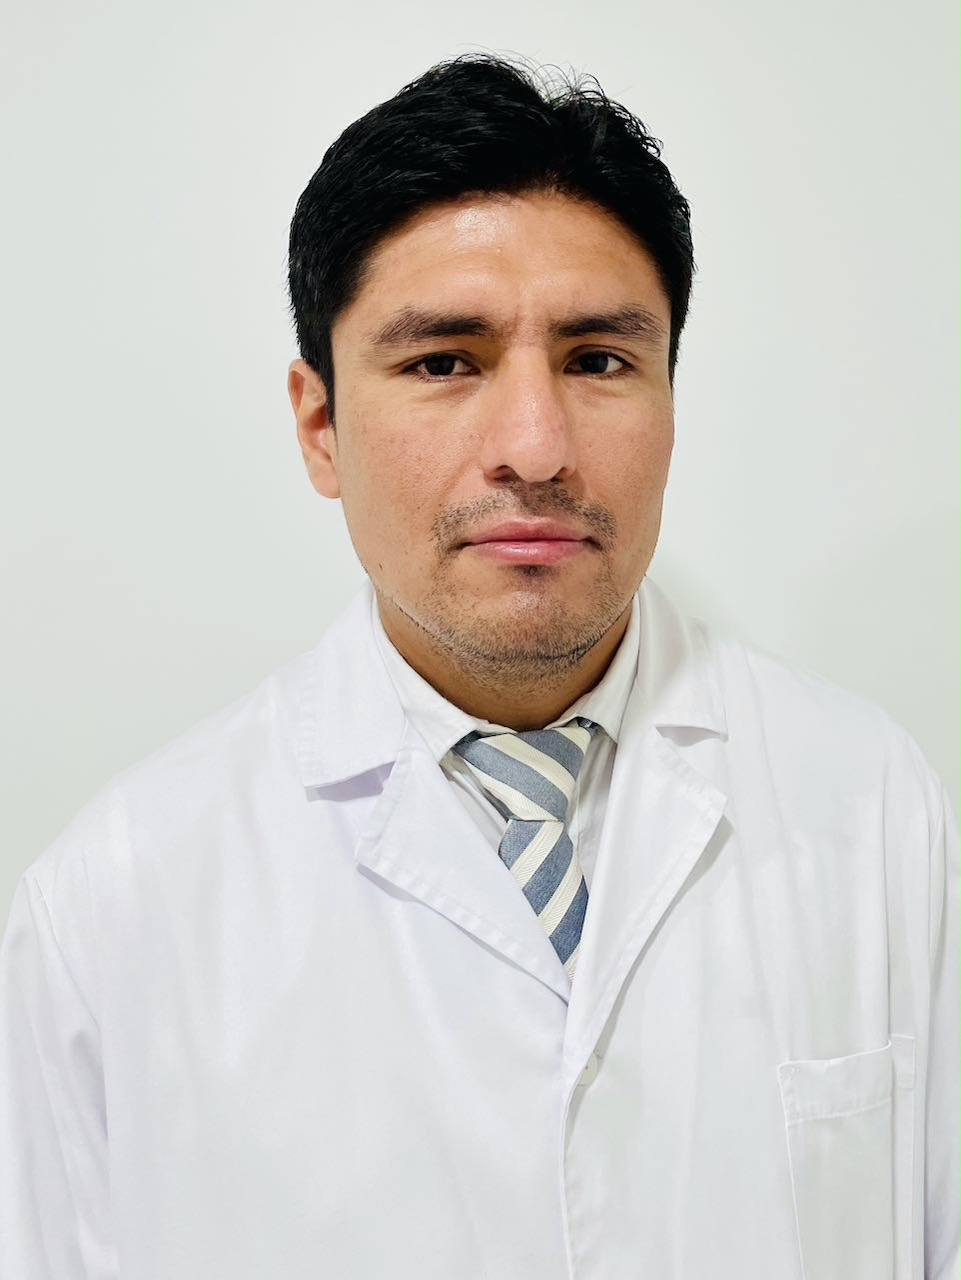 Dr. Jimy Jara Quezada